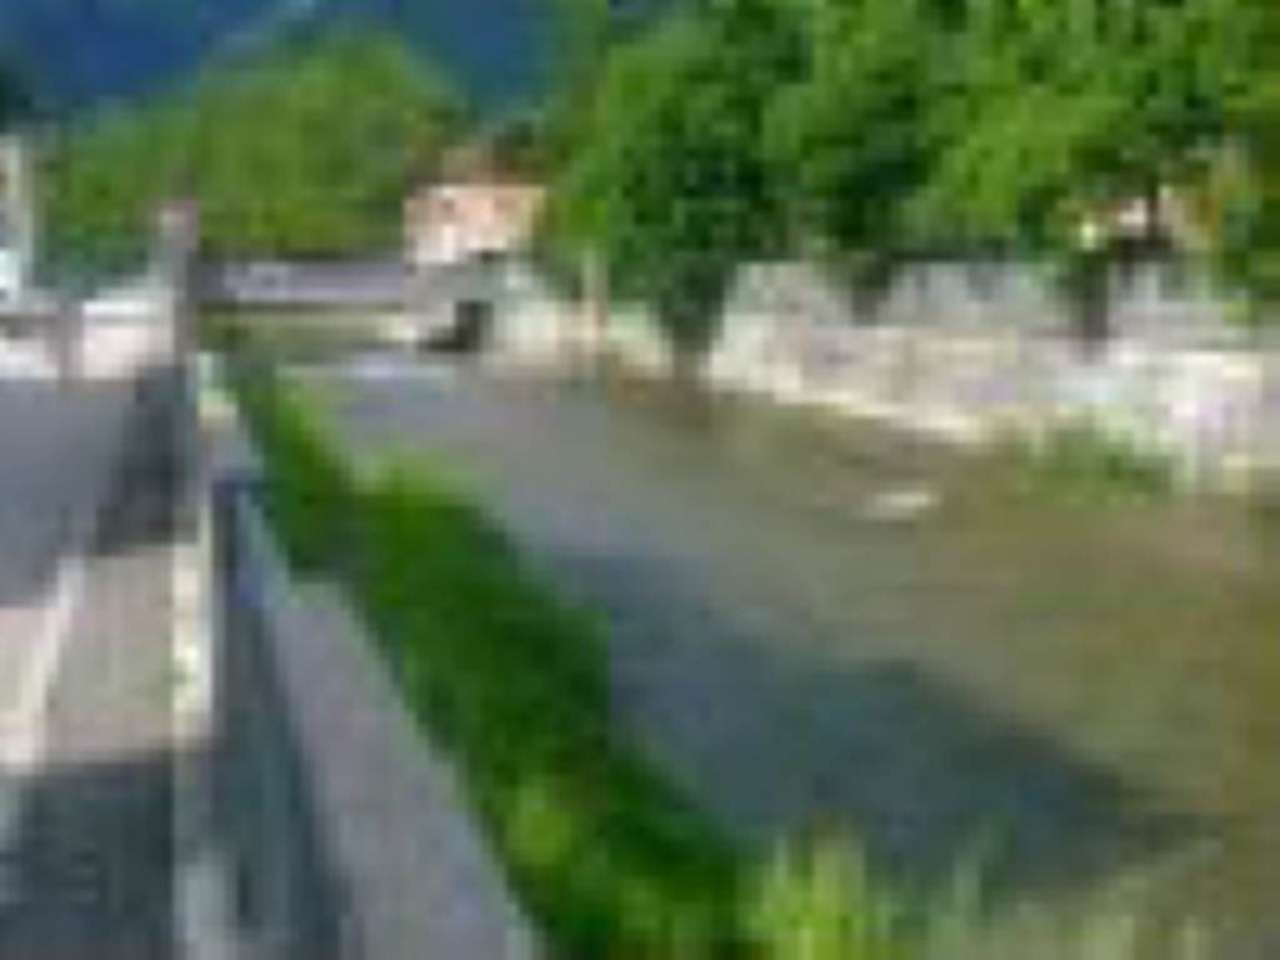 Bilocale Trento Viale Nepumiceno Bolognini 6